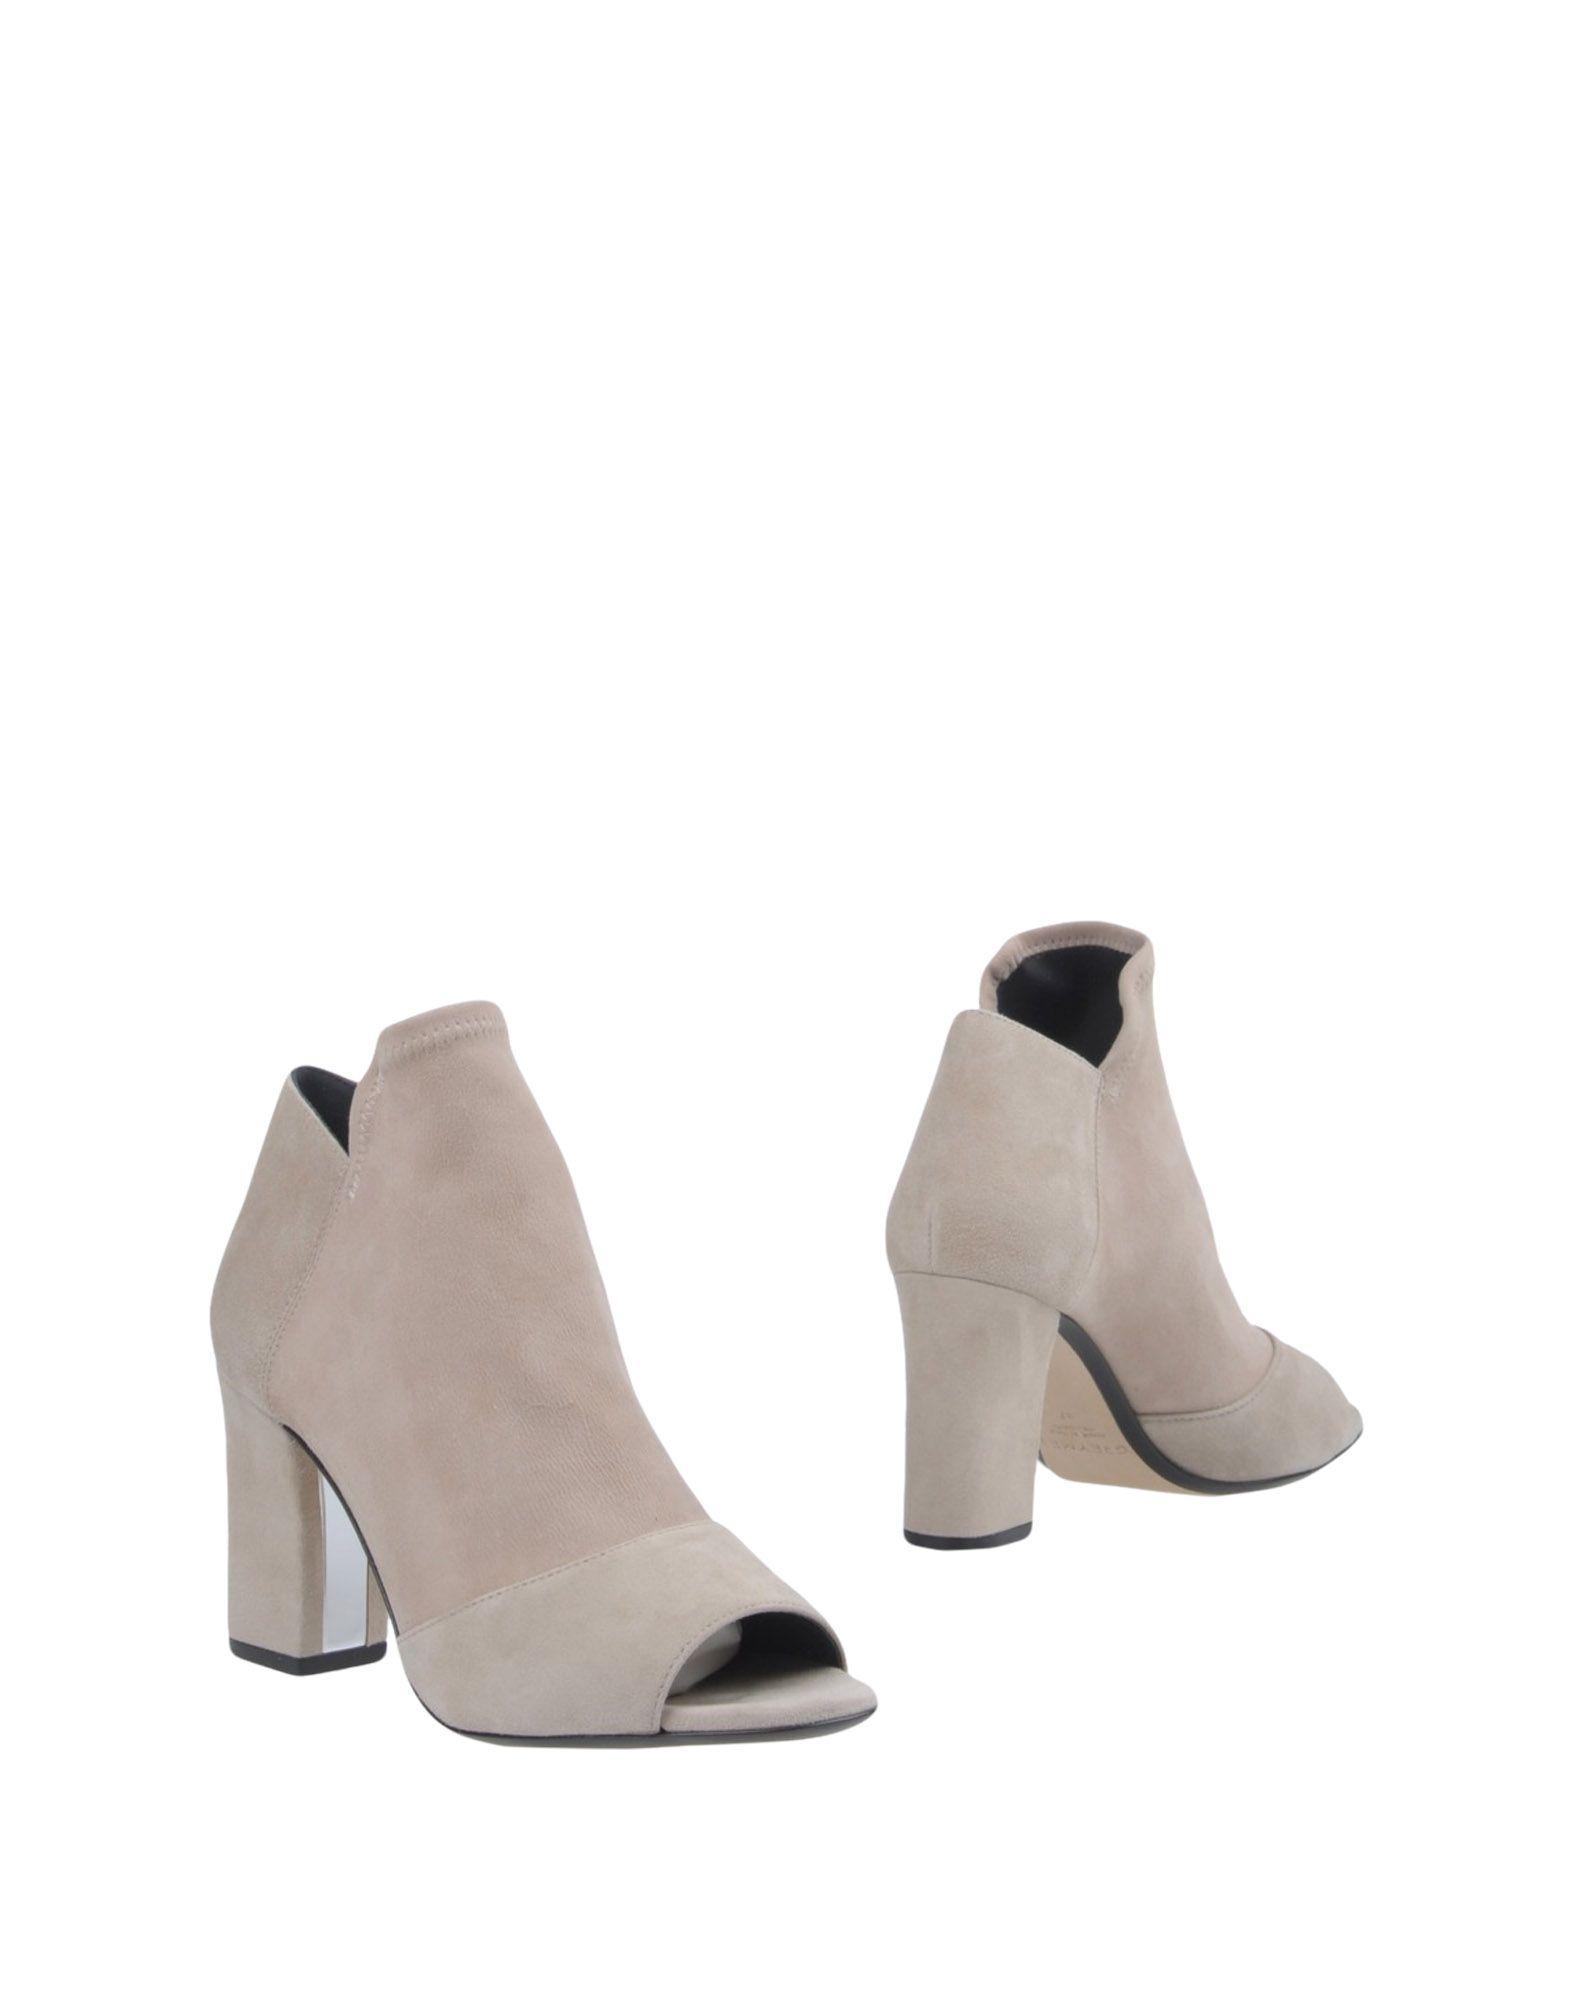 Grey Mer Stiefelette Damen  11383227XD Gute Qualität beliebte Schuhe